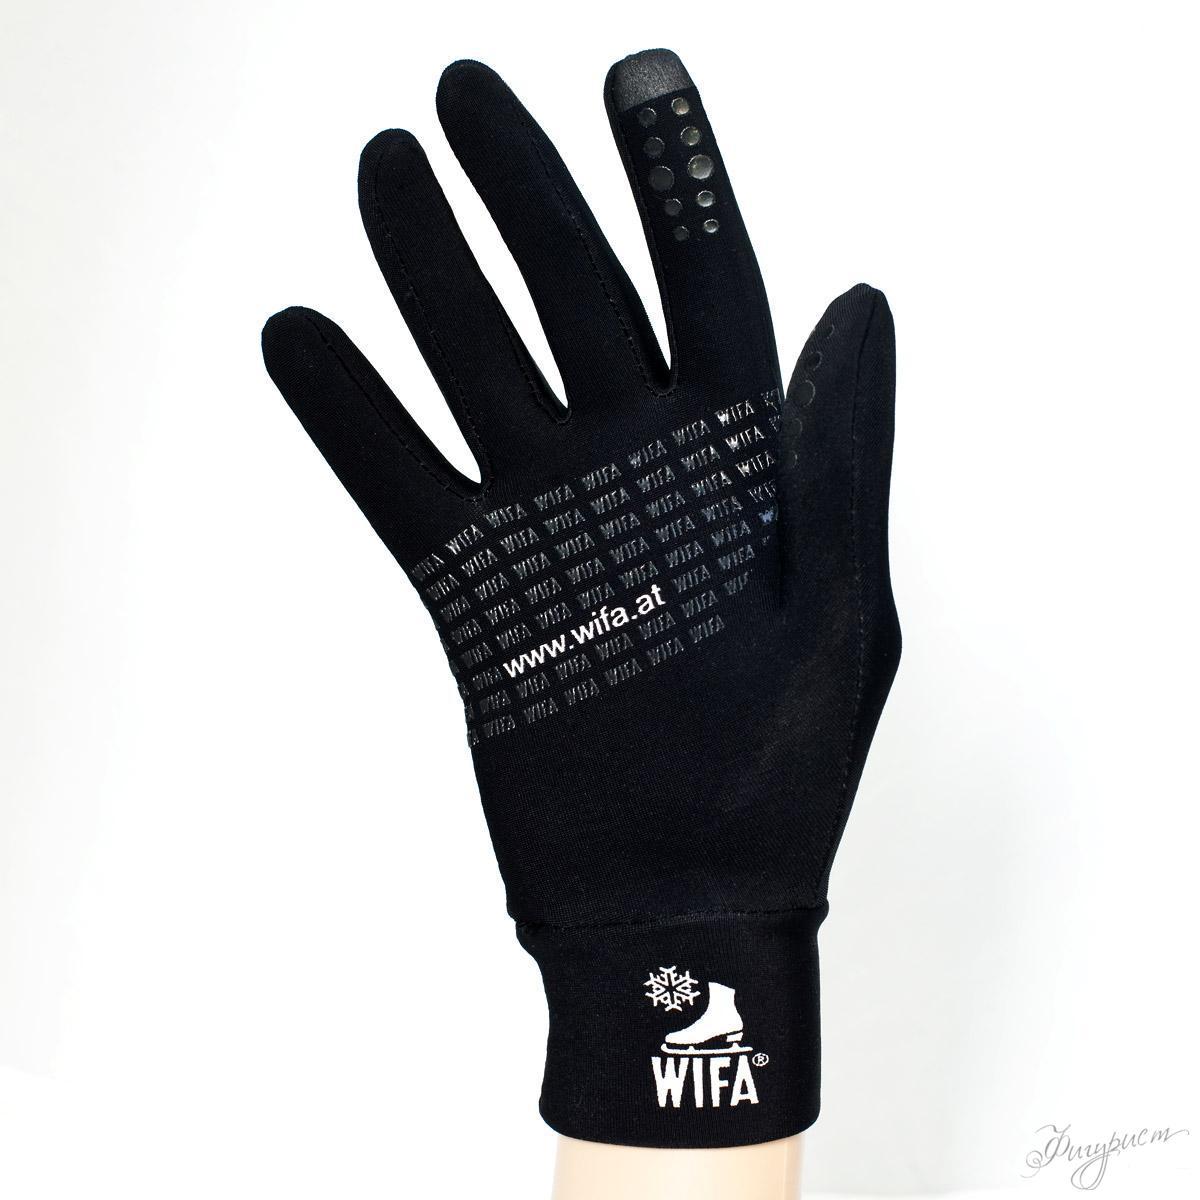 почему фигуристы в перчатках